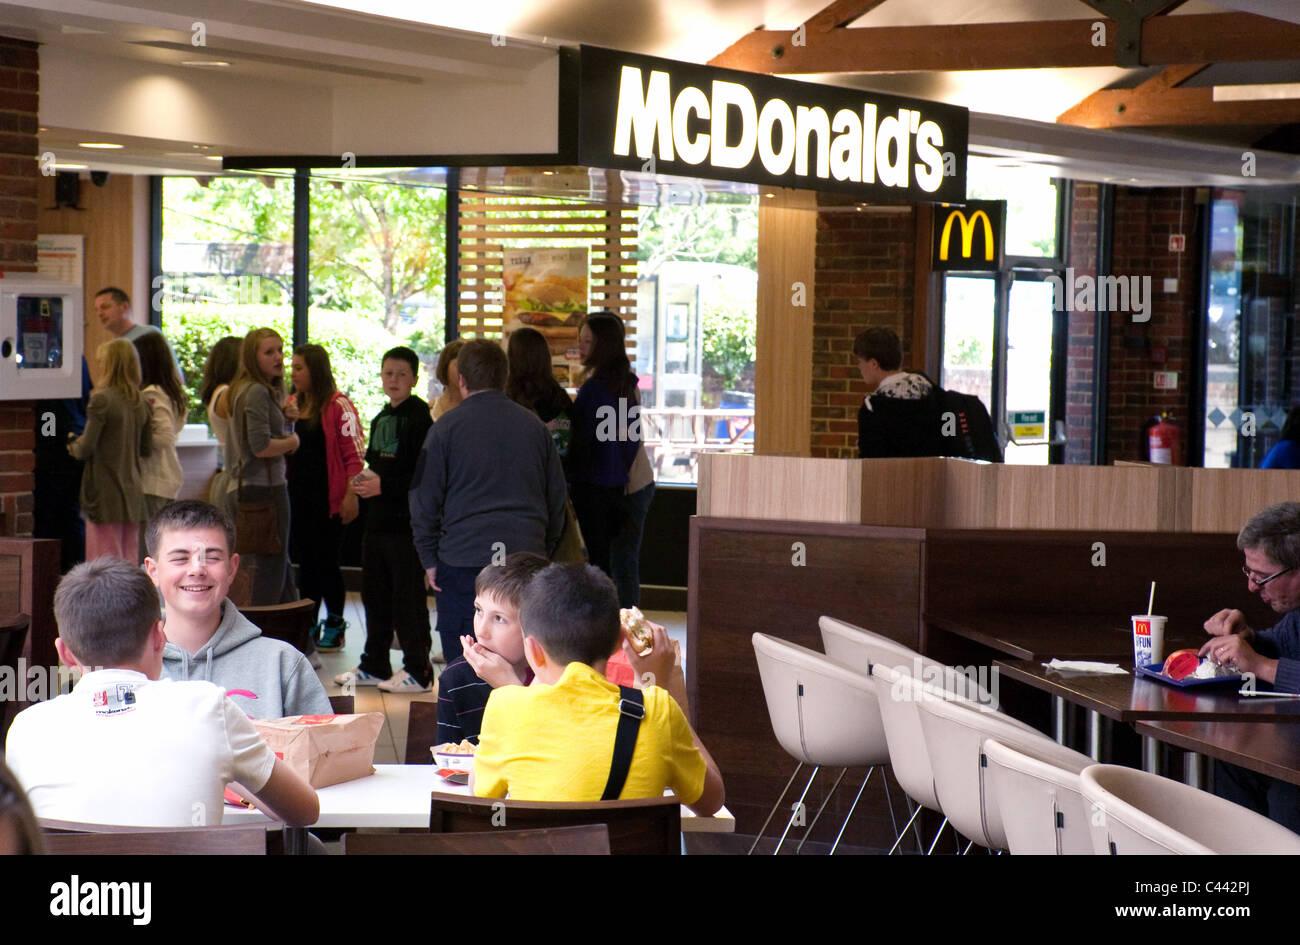 People at McDonalds, Clacket Lane motorway services, M25 in Surrey, UK - Stock Image